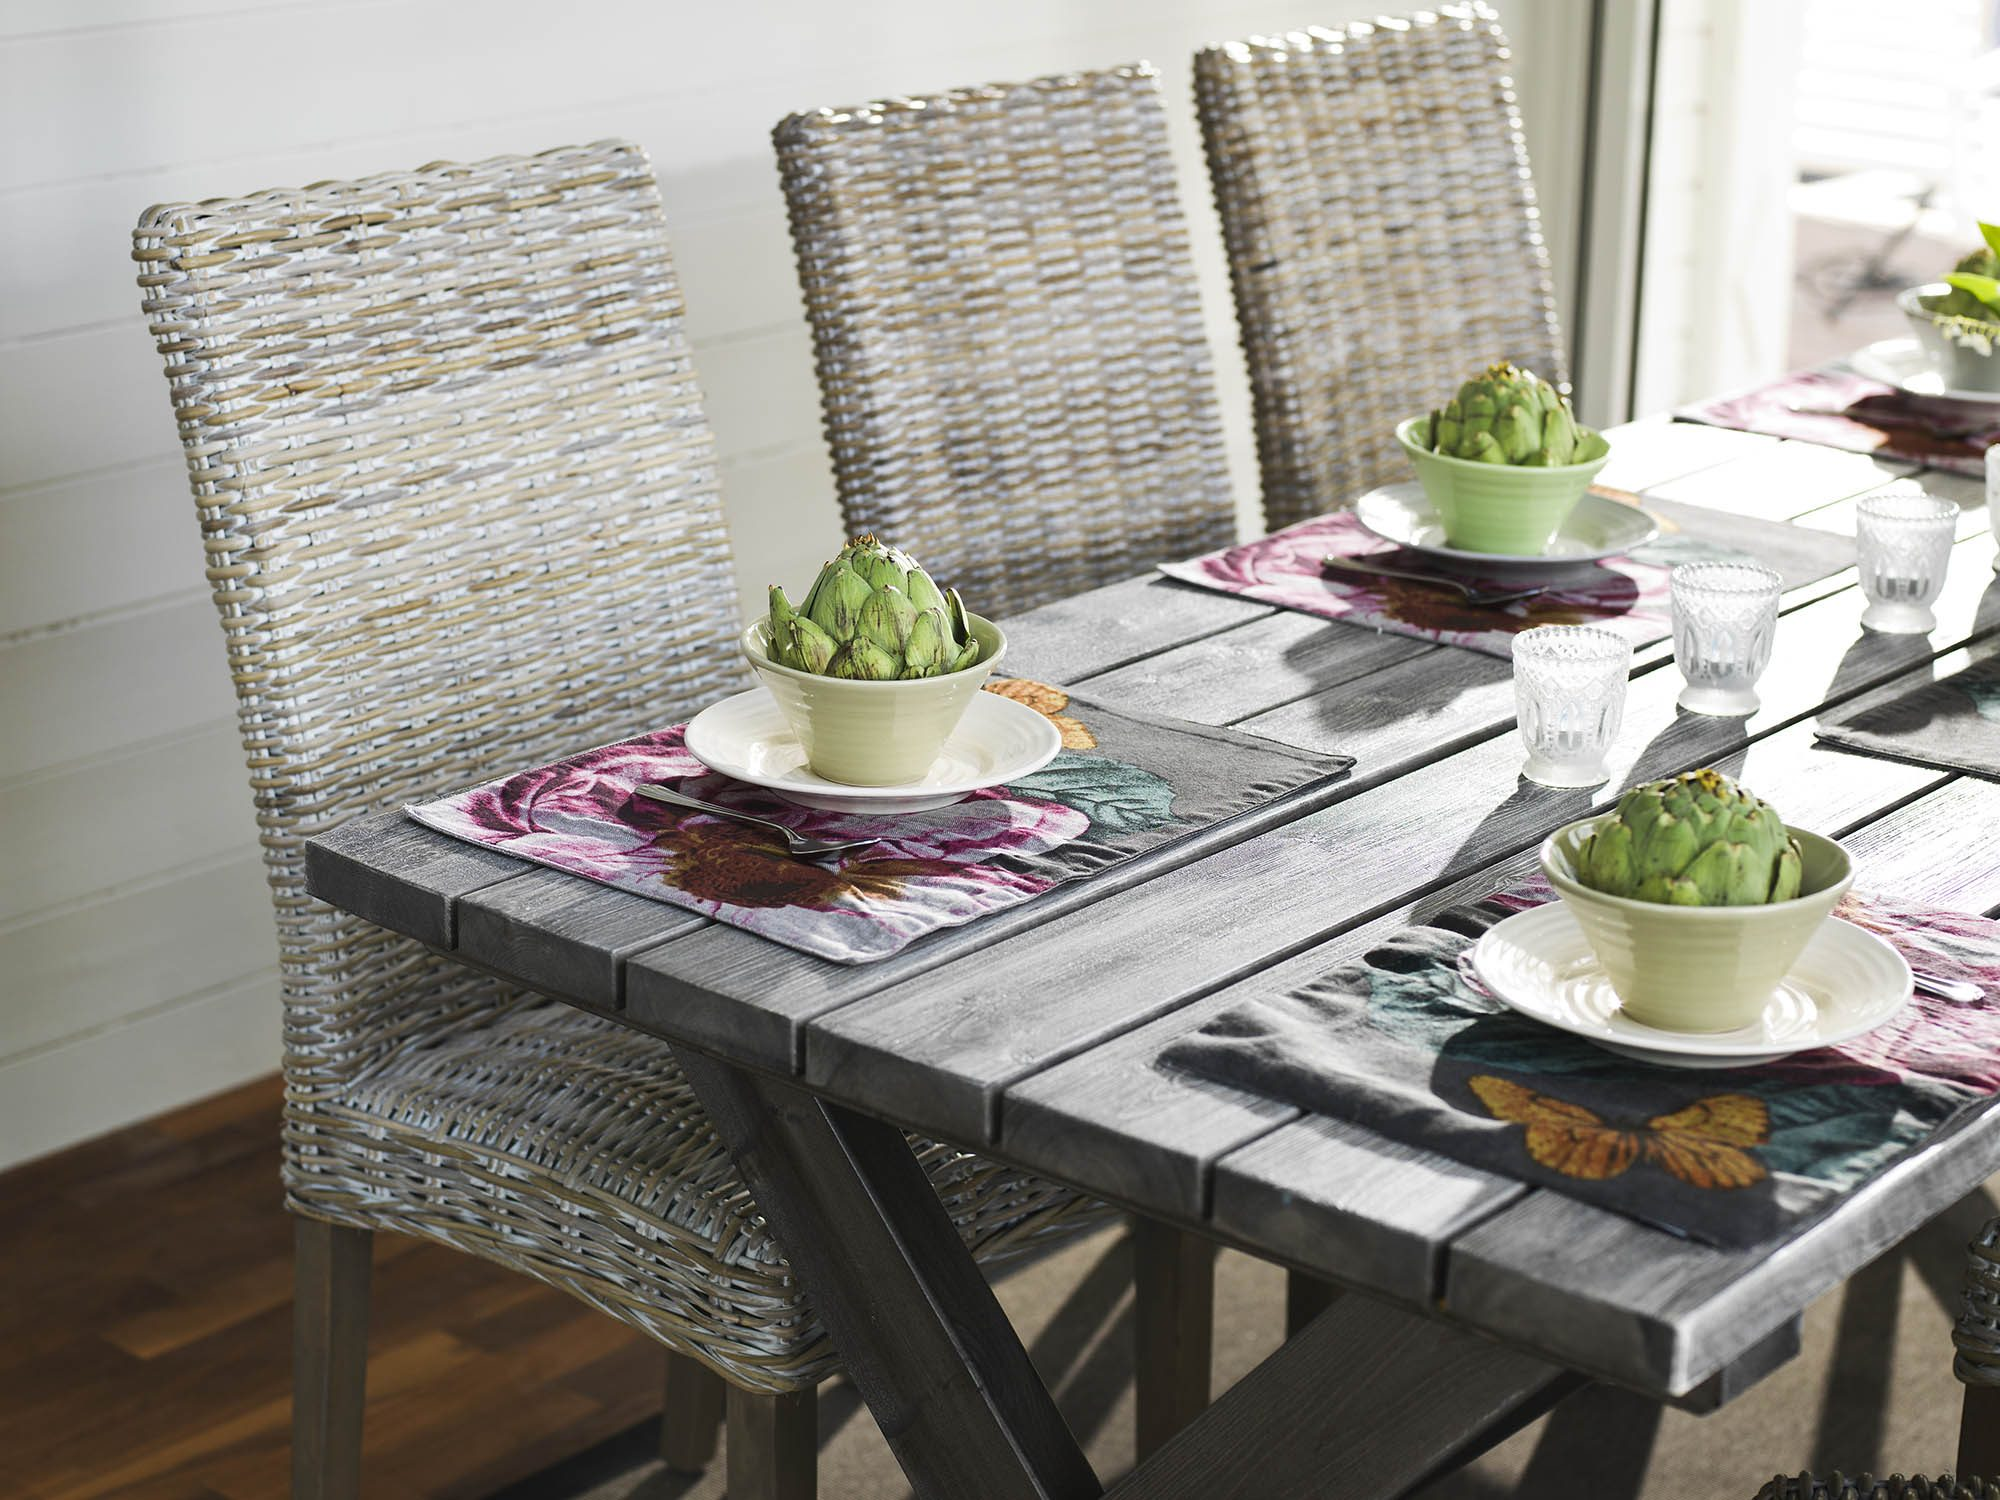 Shabby Chic bord från Hillerstorp i grått.